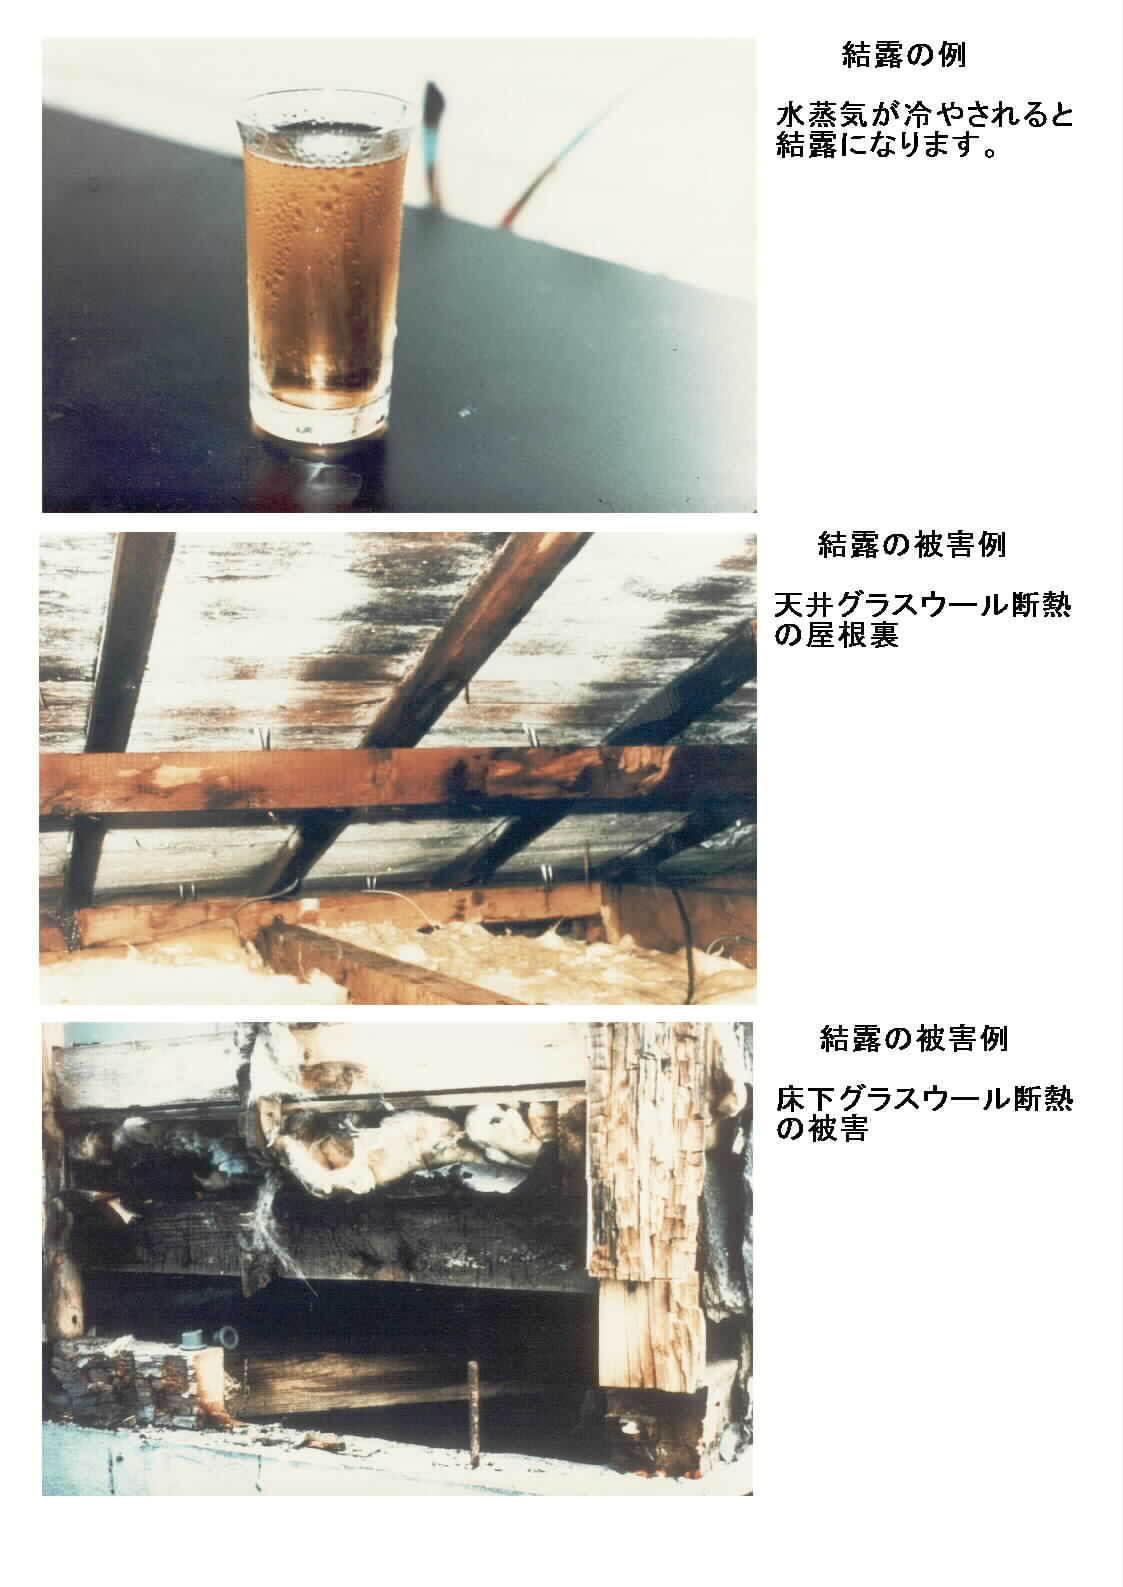 結露                                         2014.10/07(火)_d0195024_10301944.jpg